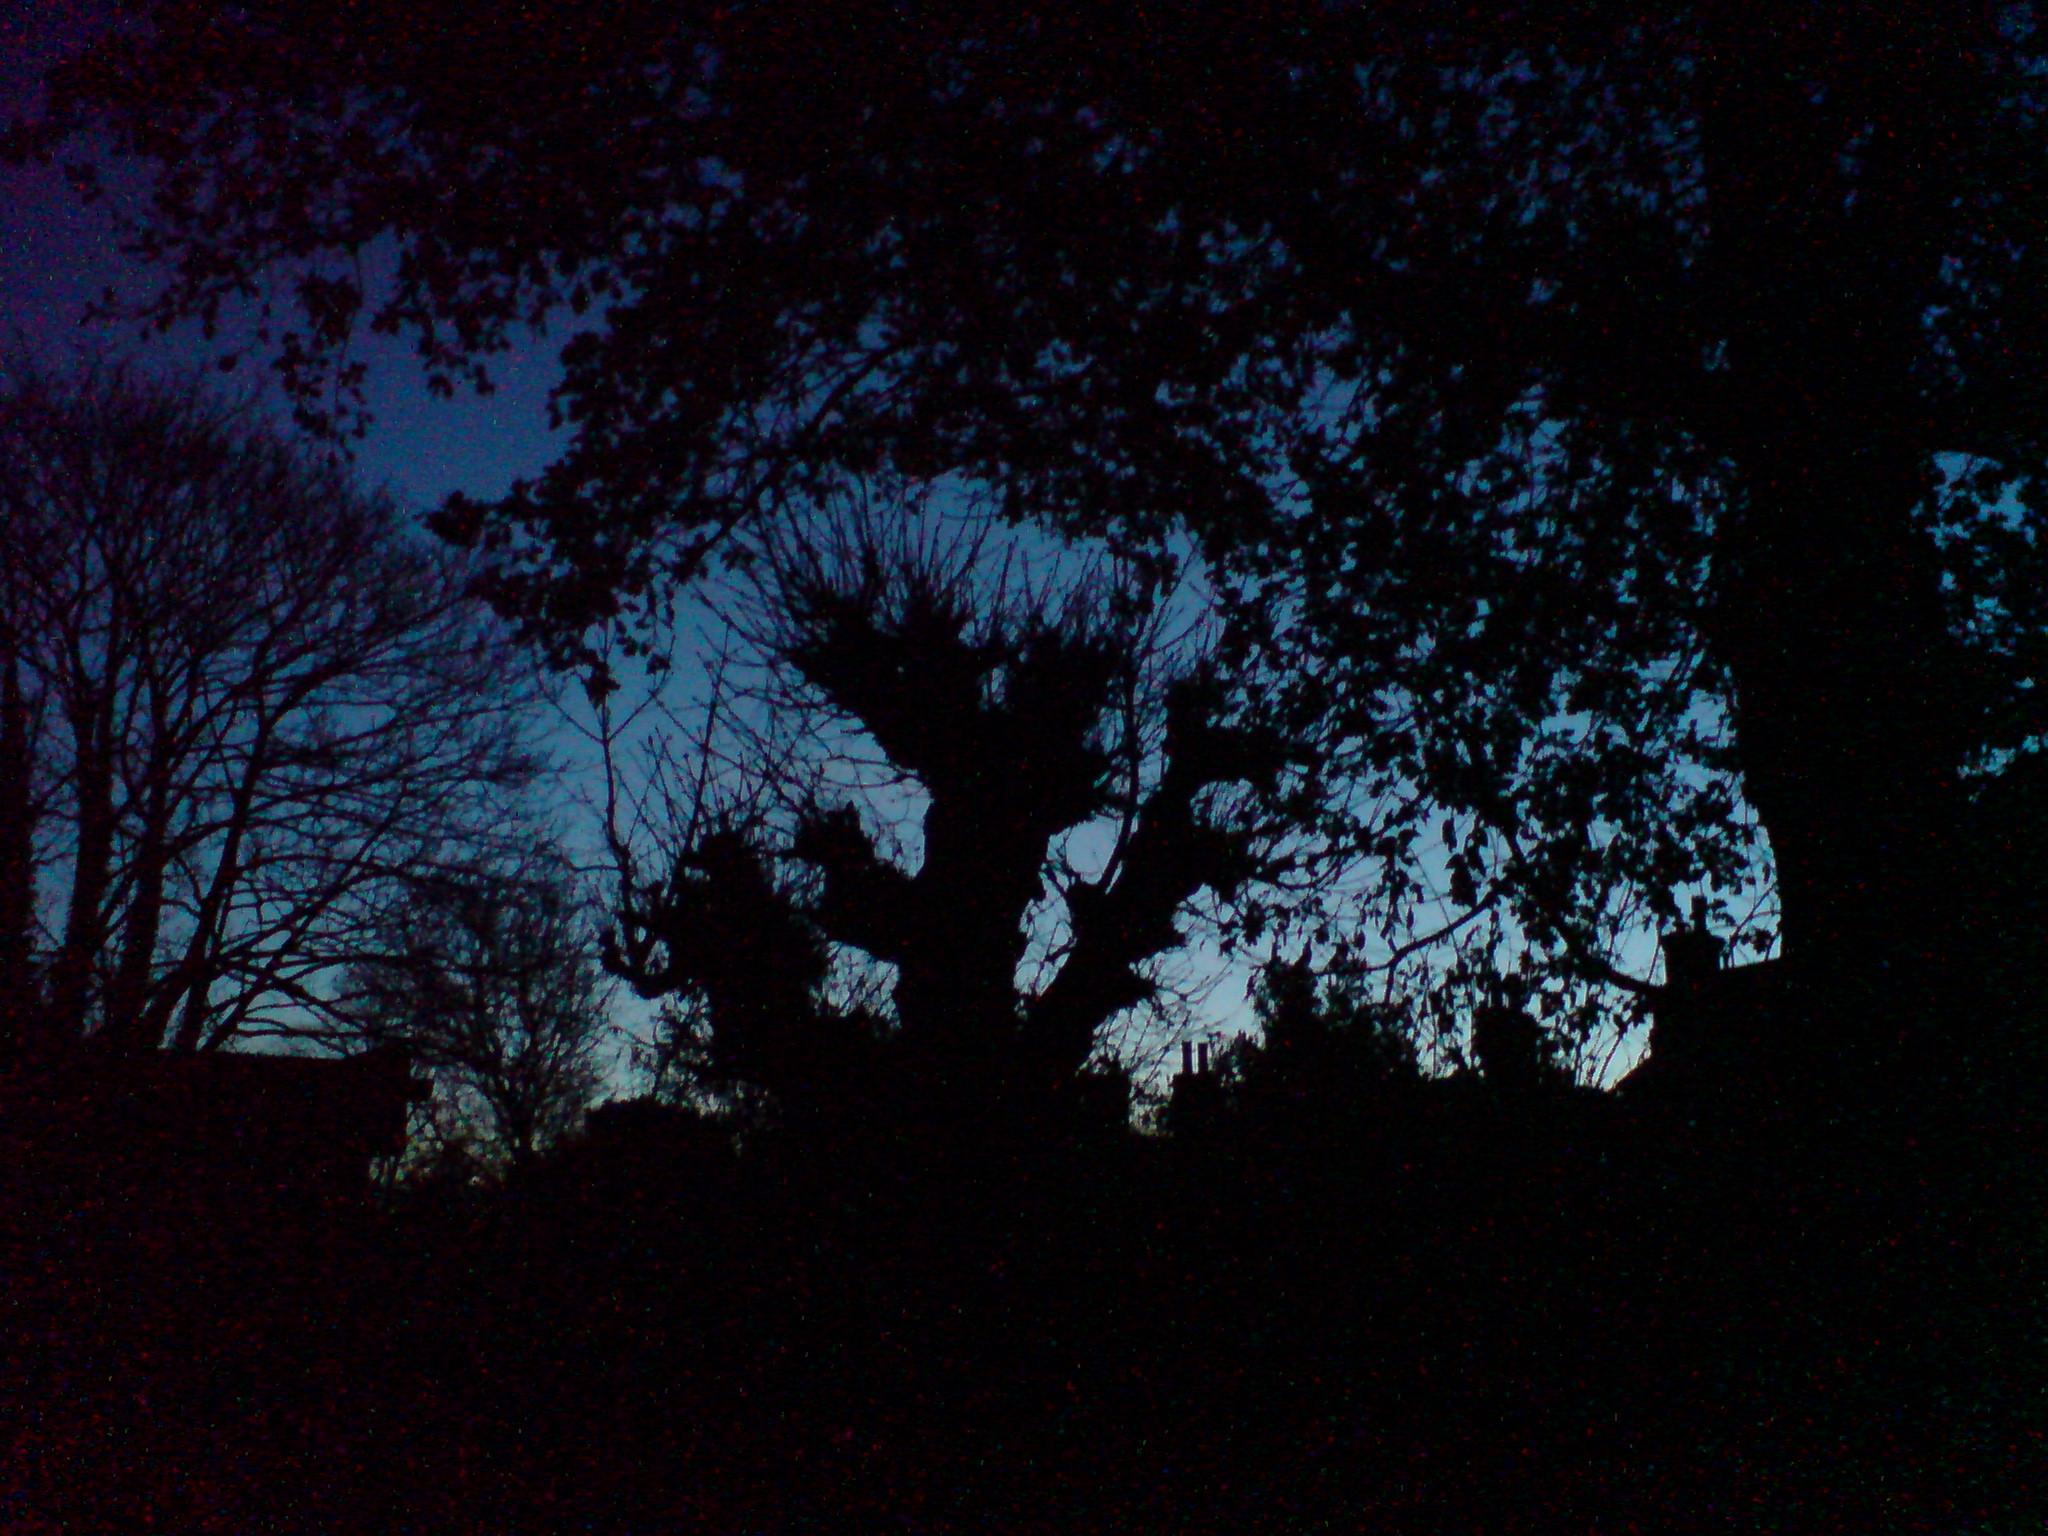 6am, Ipswich